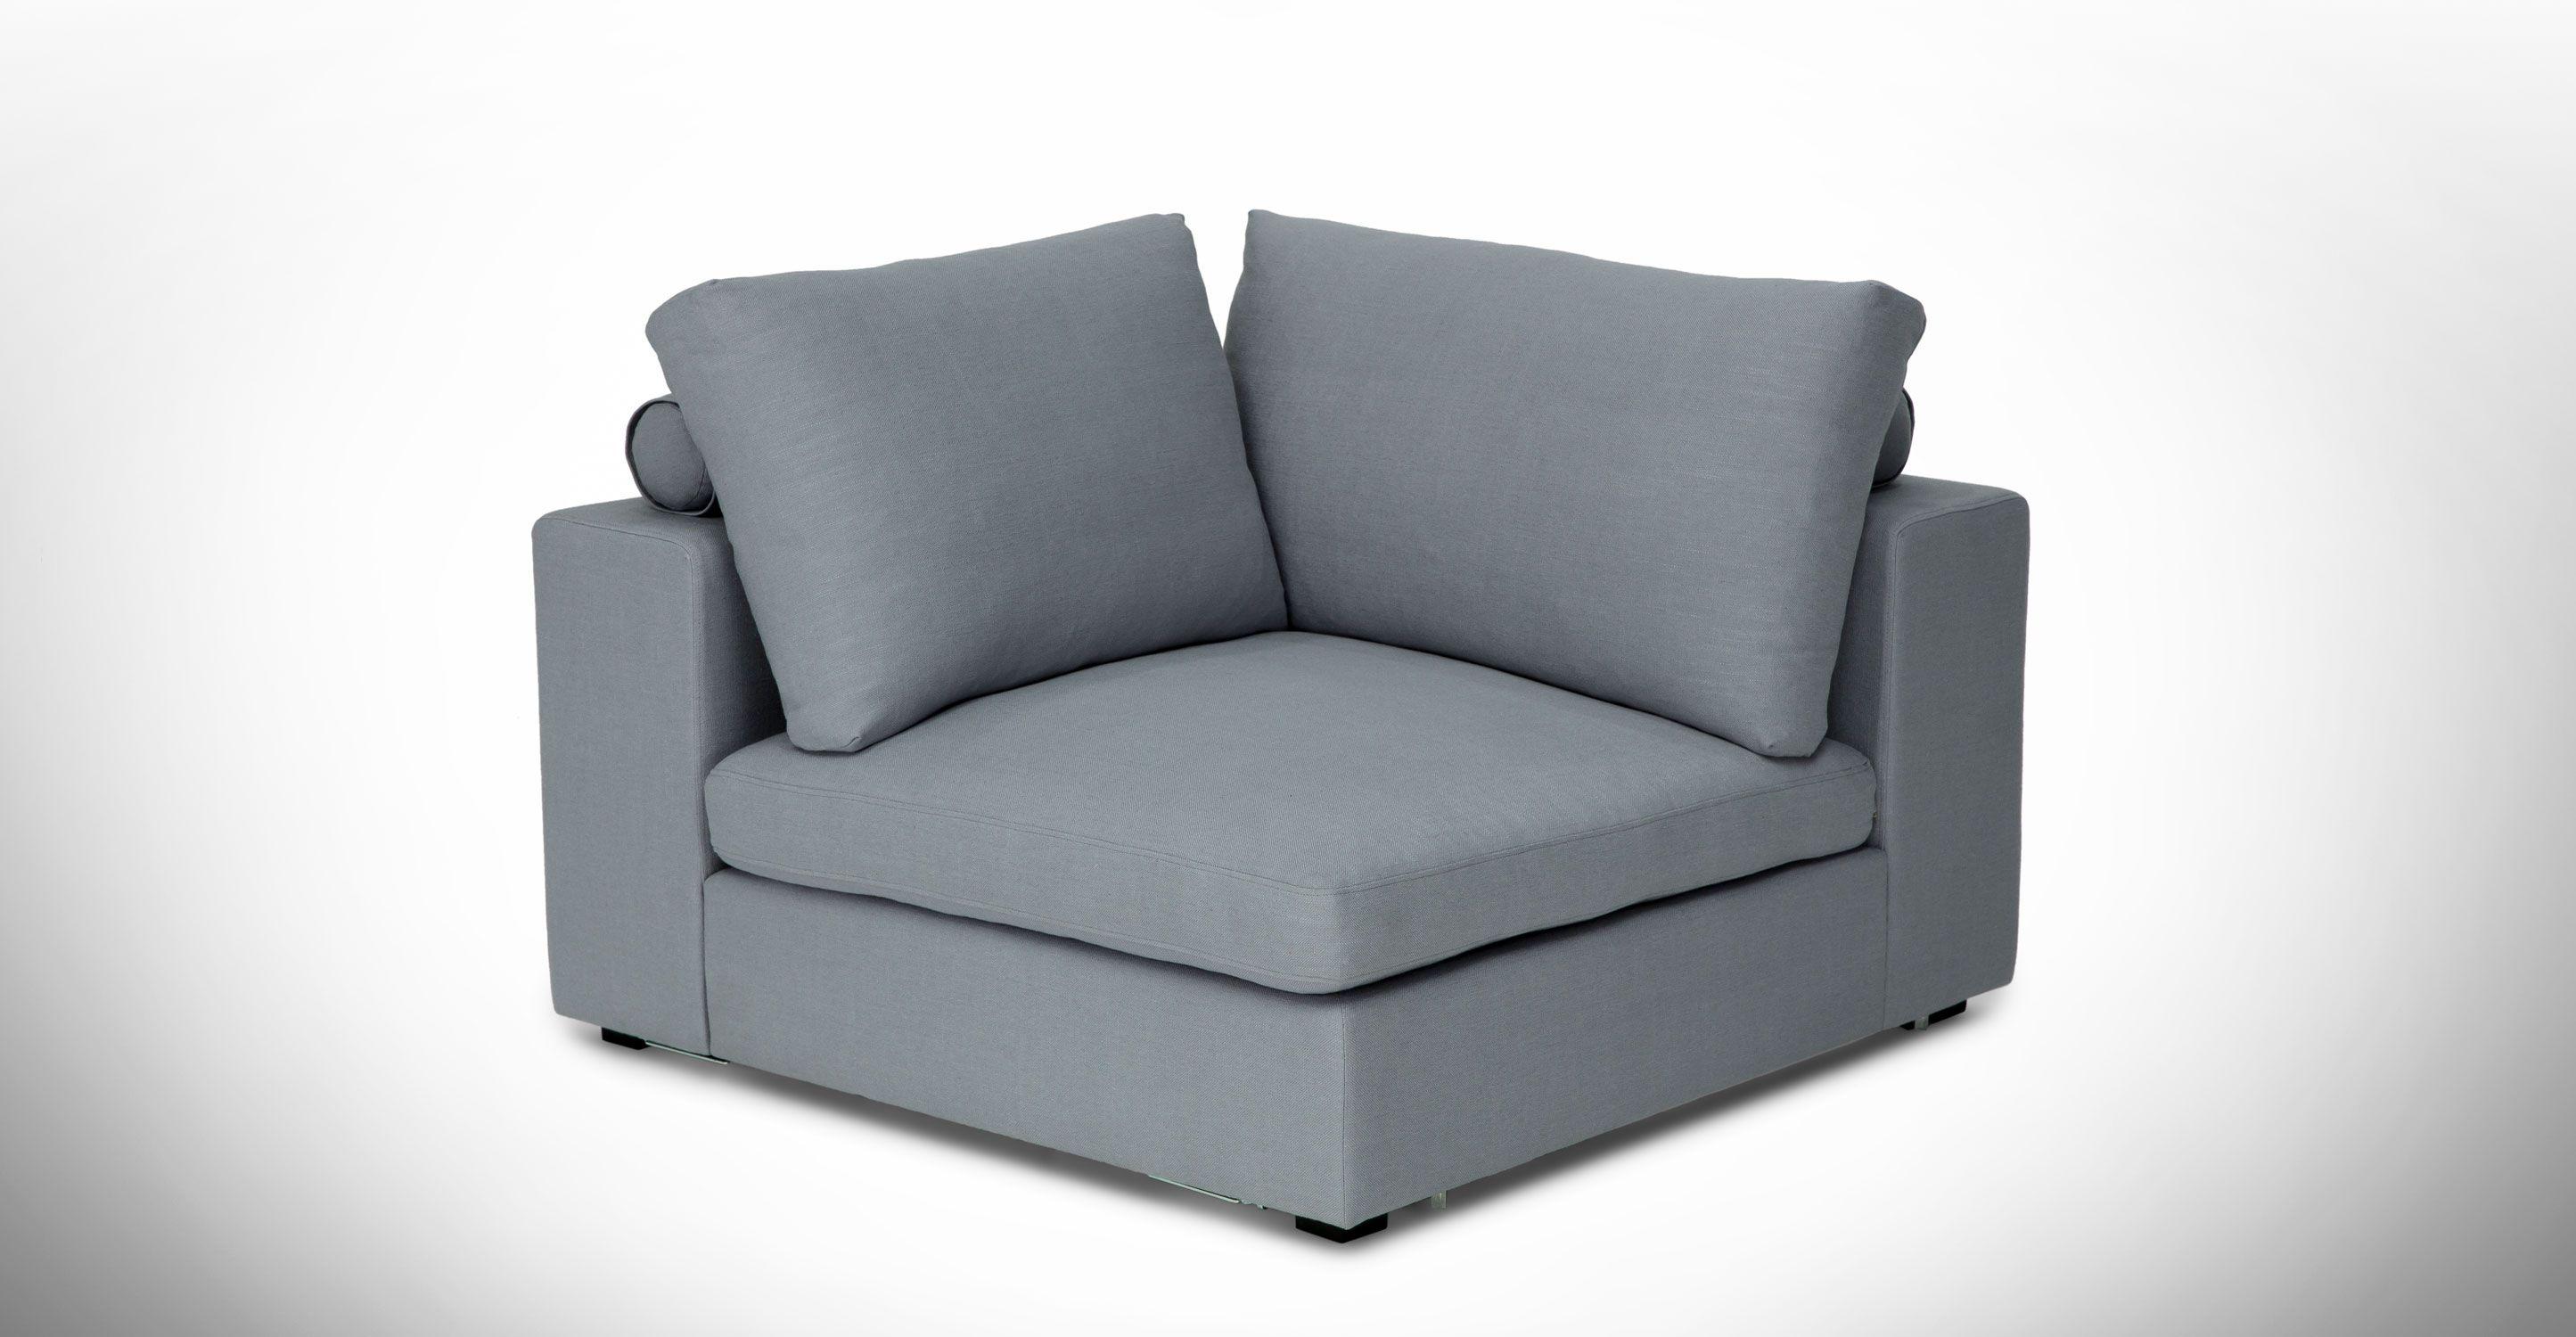 Light Blue Modular Corner Chair Upholstered